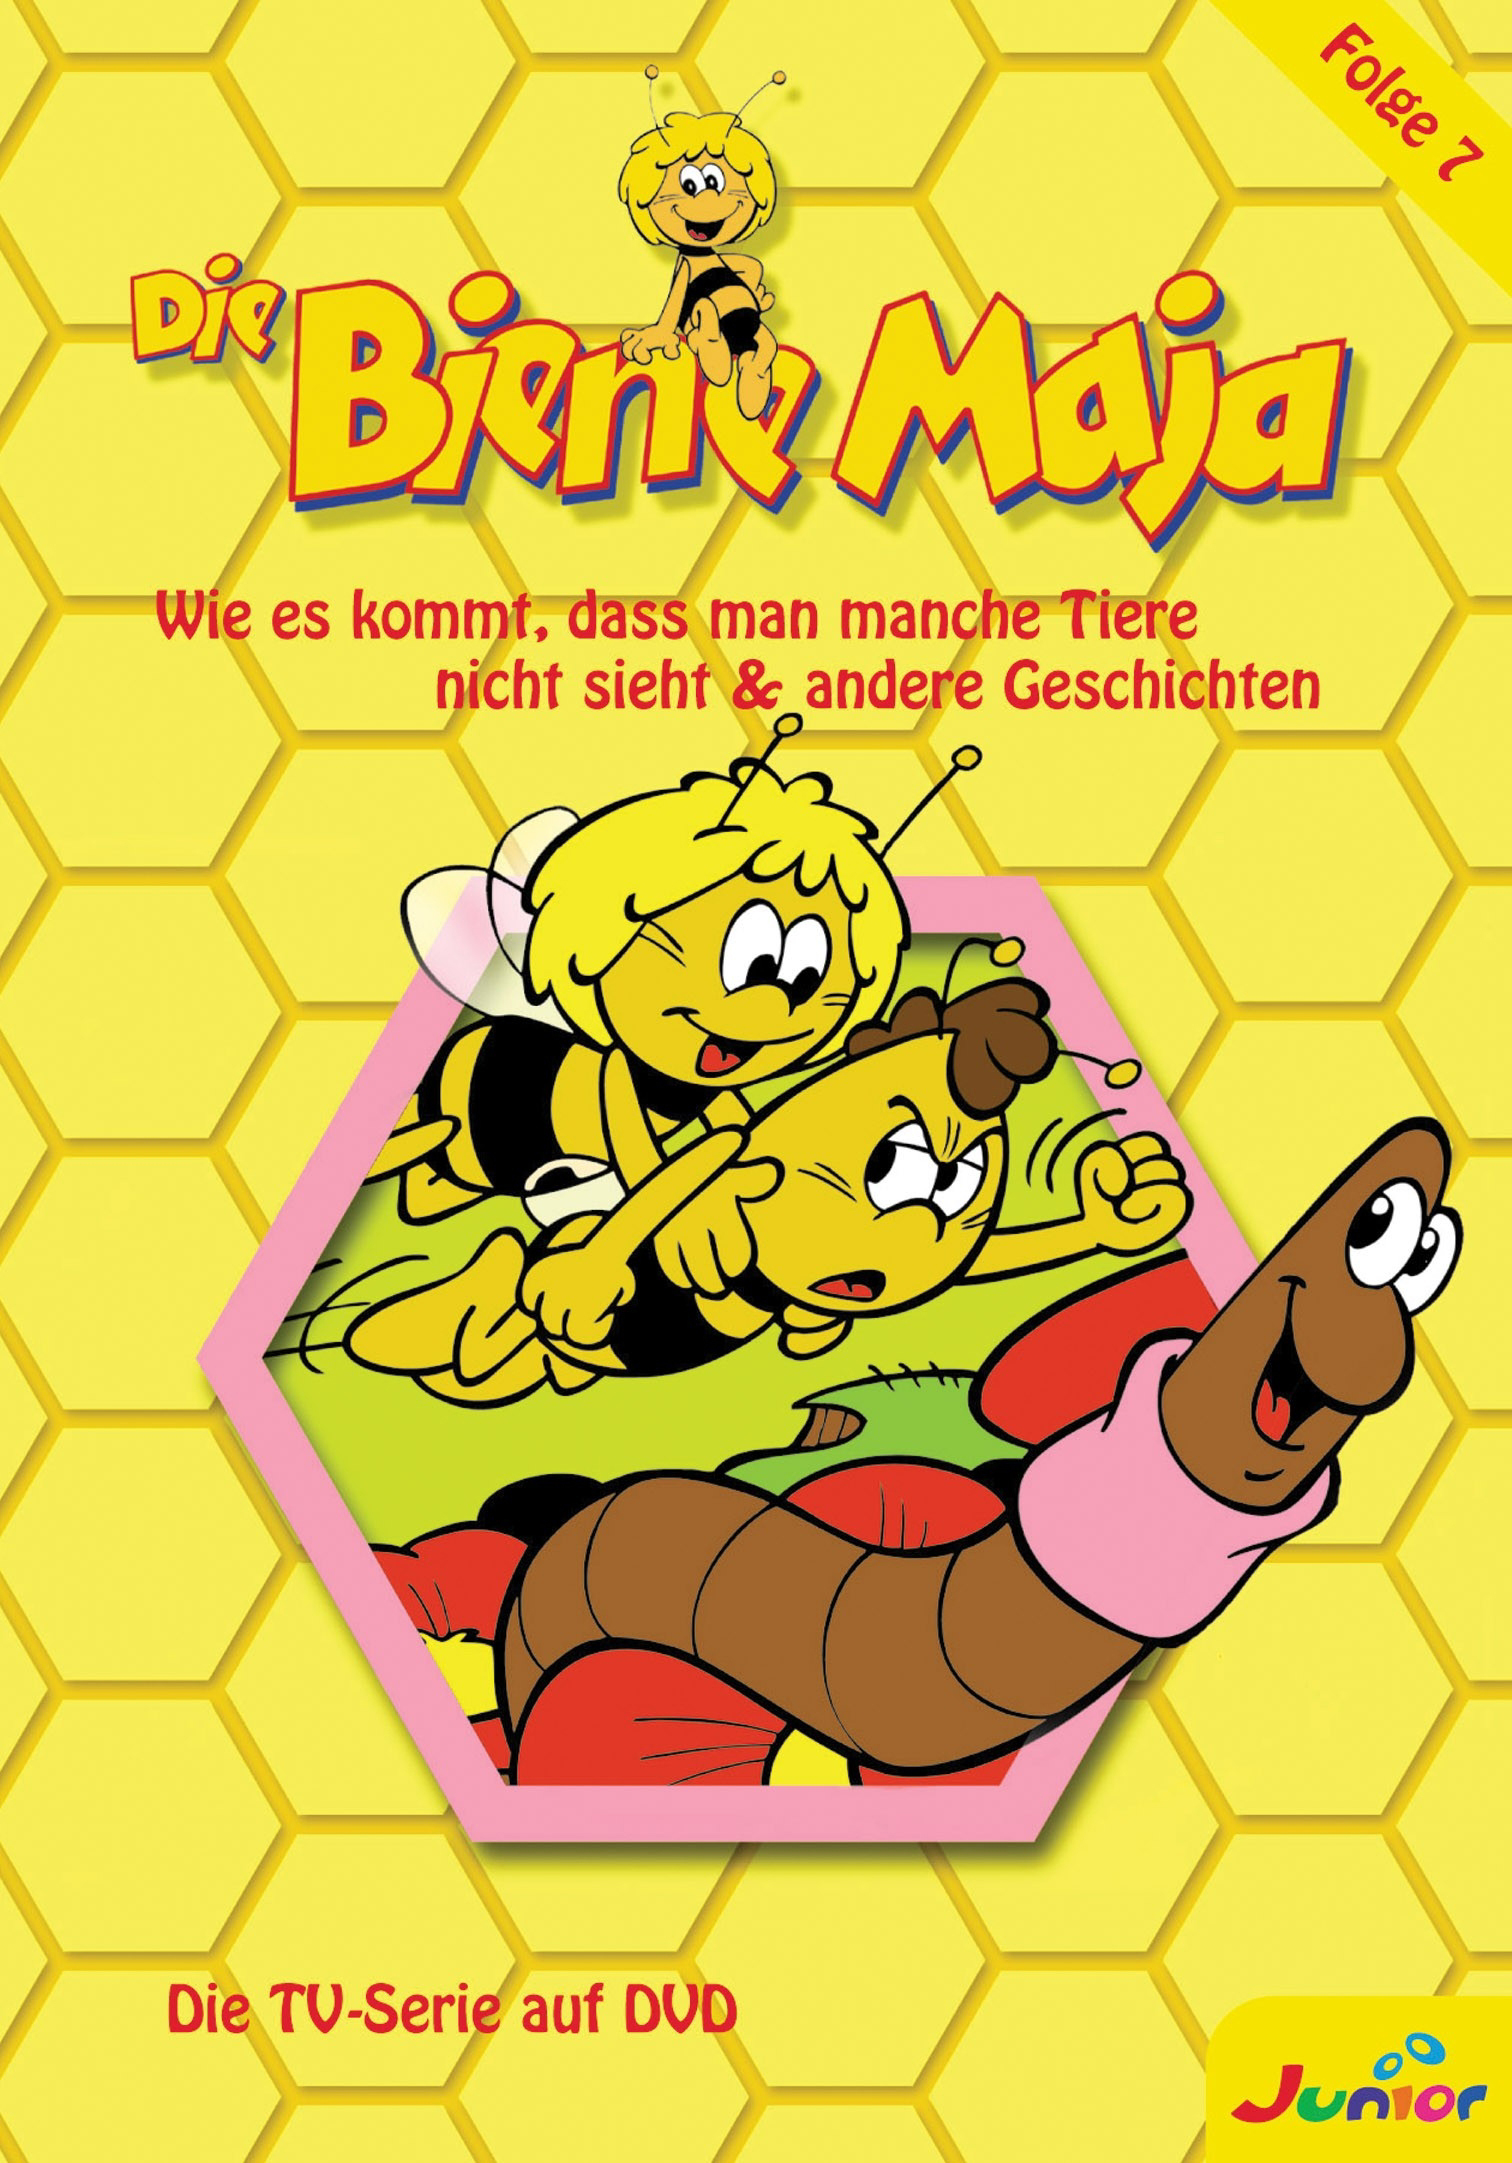 Biene Maja - (7) Wie es kommt, dass man manche Tiere nicht sieht & andere Geschichten Poster